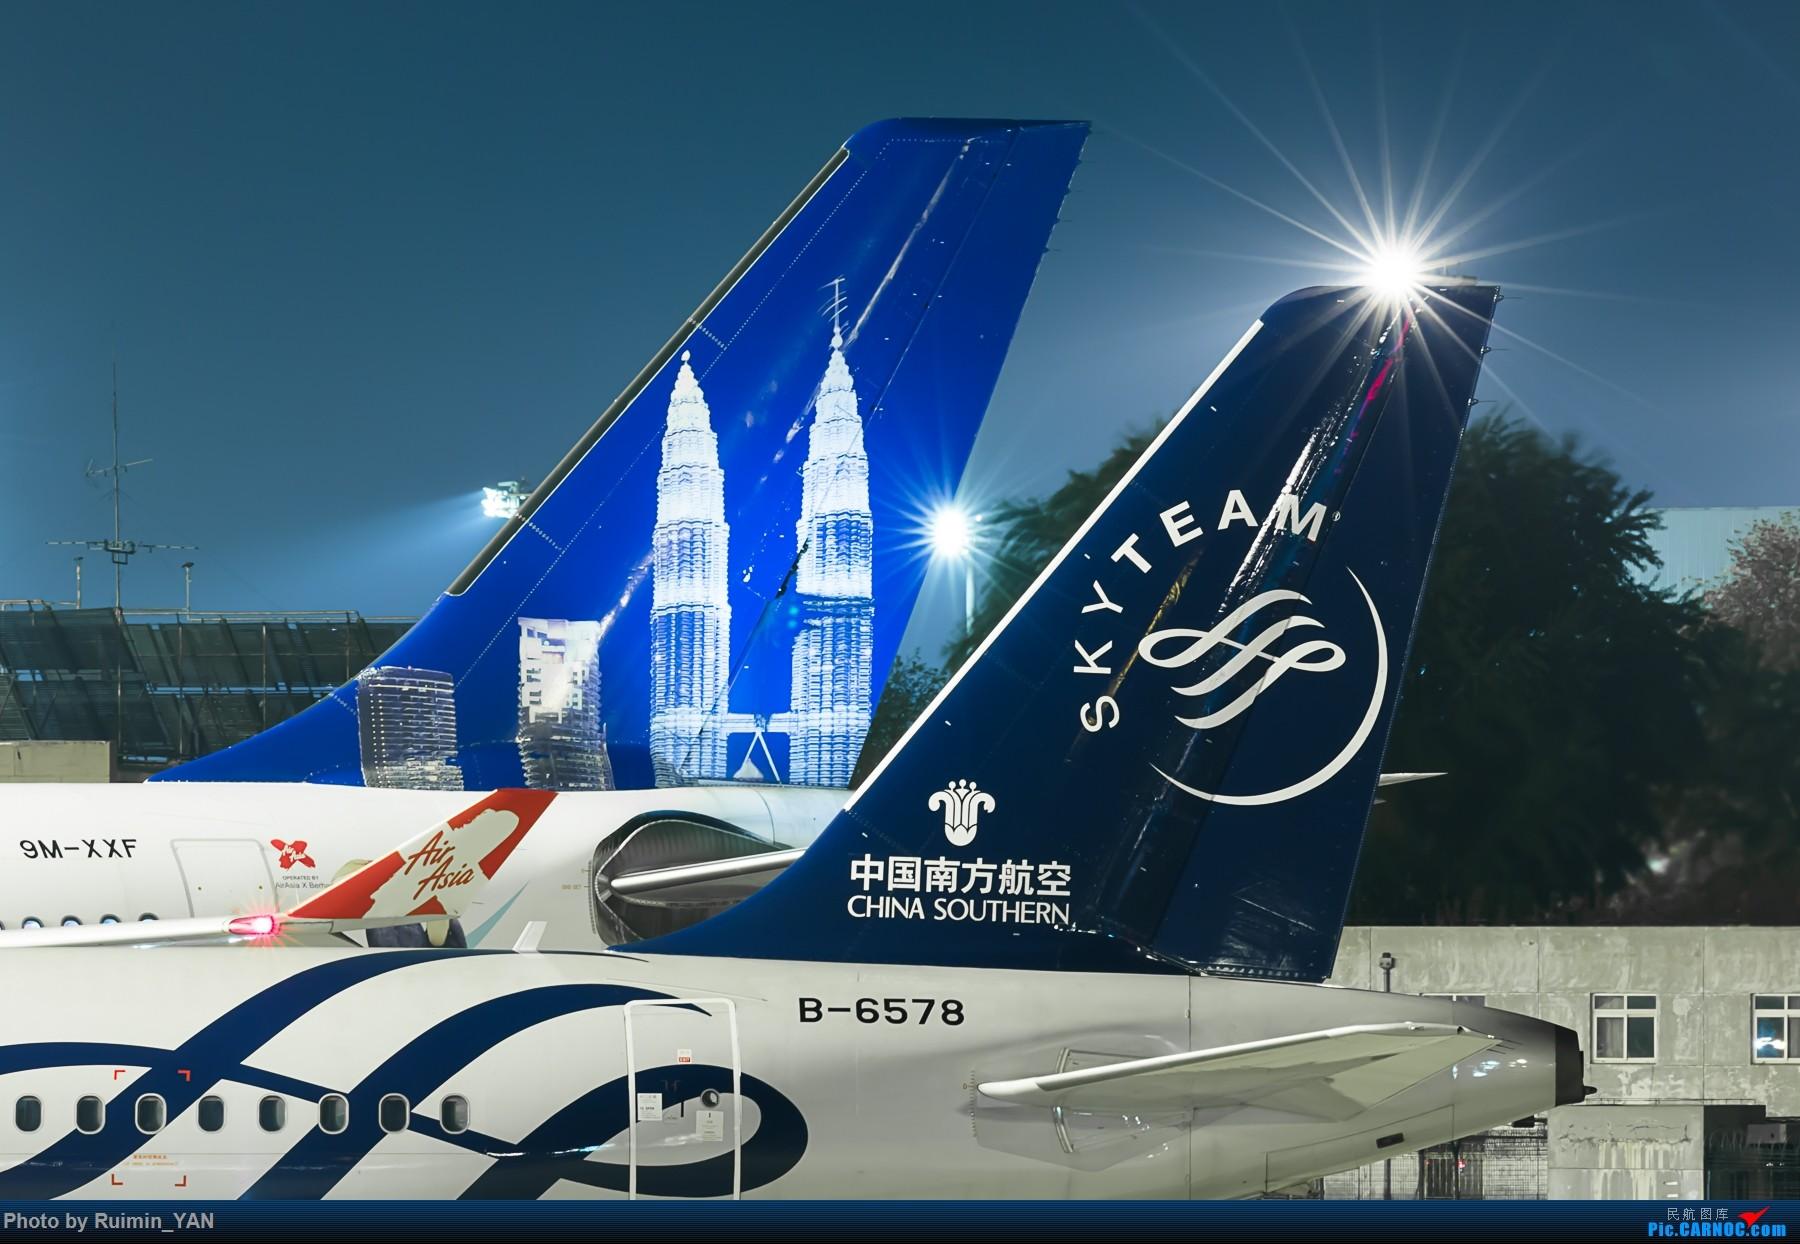 [原创]【夜景】【PEK】【彩绘】亚洲航空X(D7)双子塔 Now Everyone Can Fly To Malaysia A333/9M-XXF AIRBUS A330-300 9M-XXF 中国北京首都国际机场